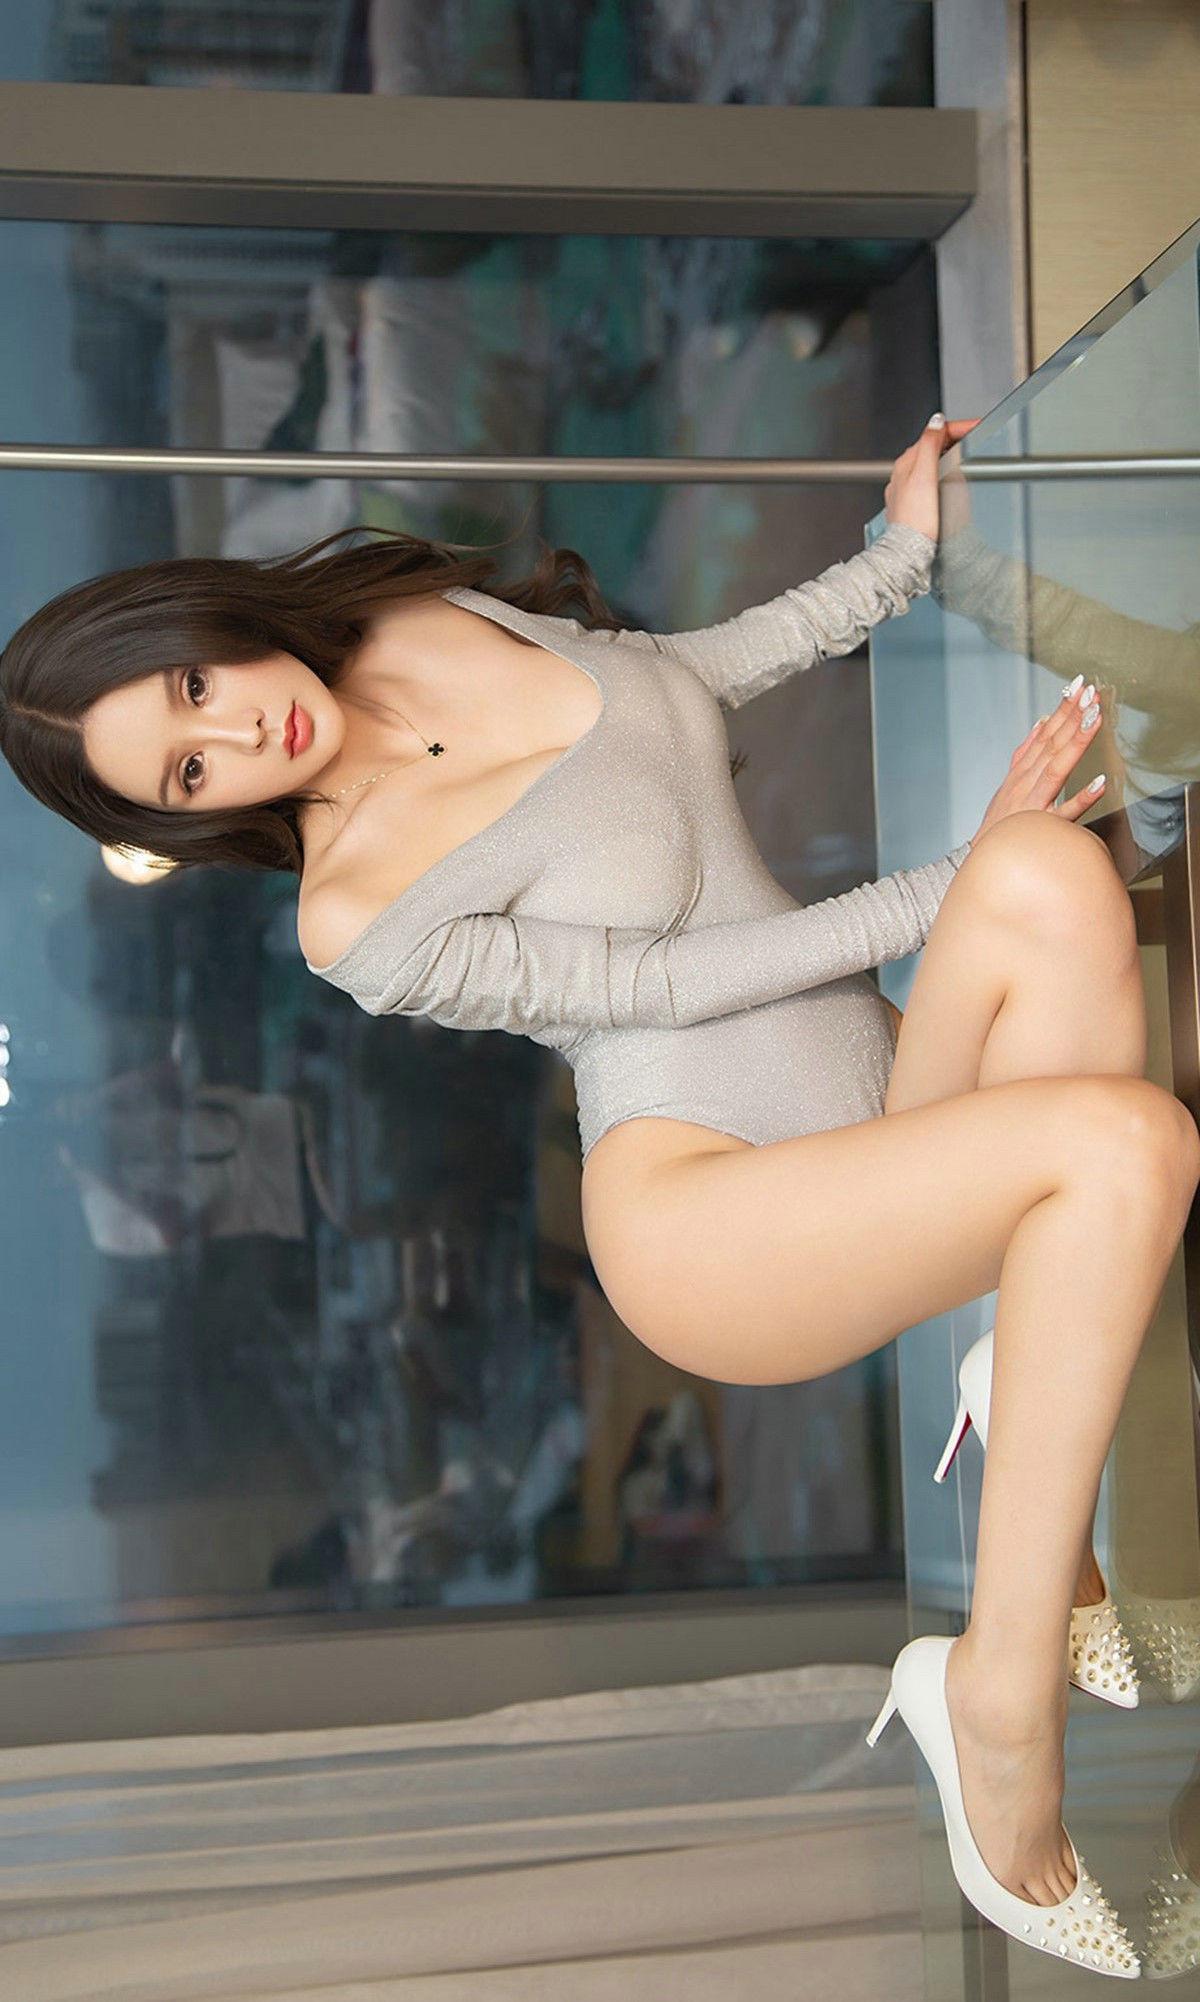 白一萱&夏瑶瑶 - 双人情话 写真套图